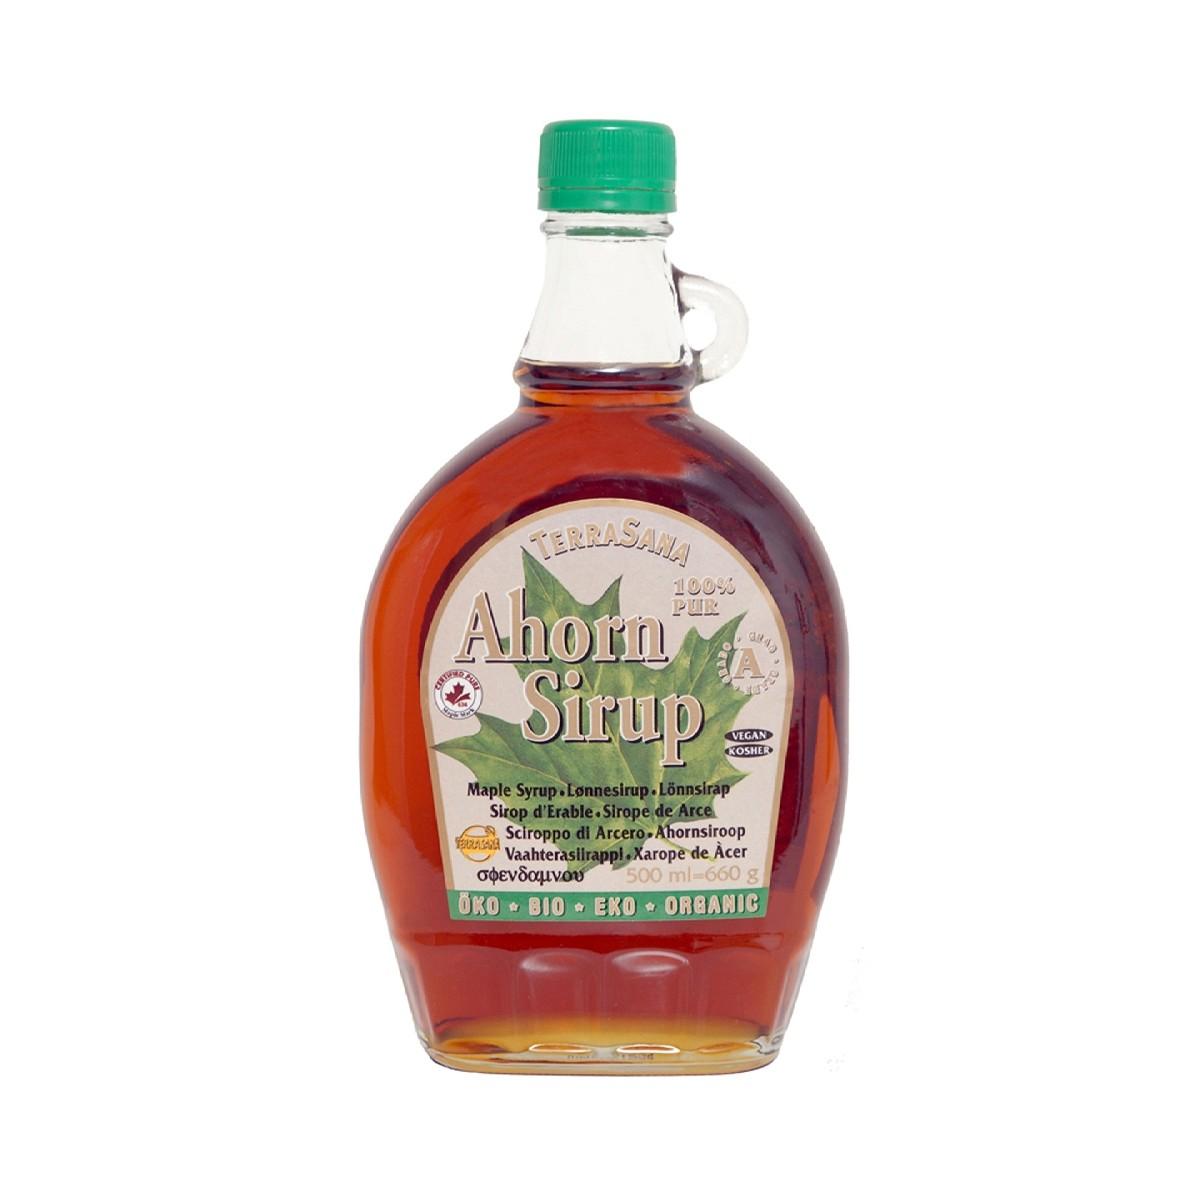 Ahornsiroop A 500 ml